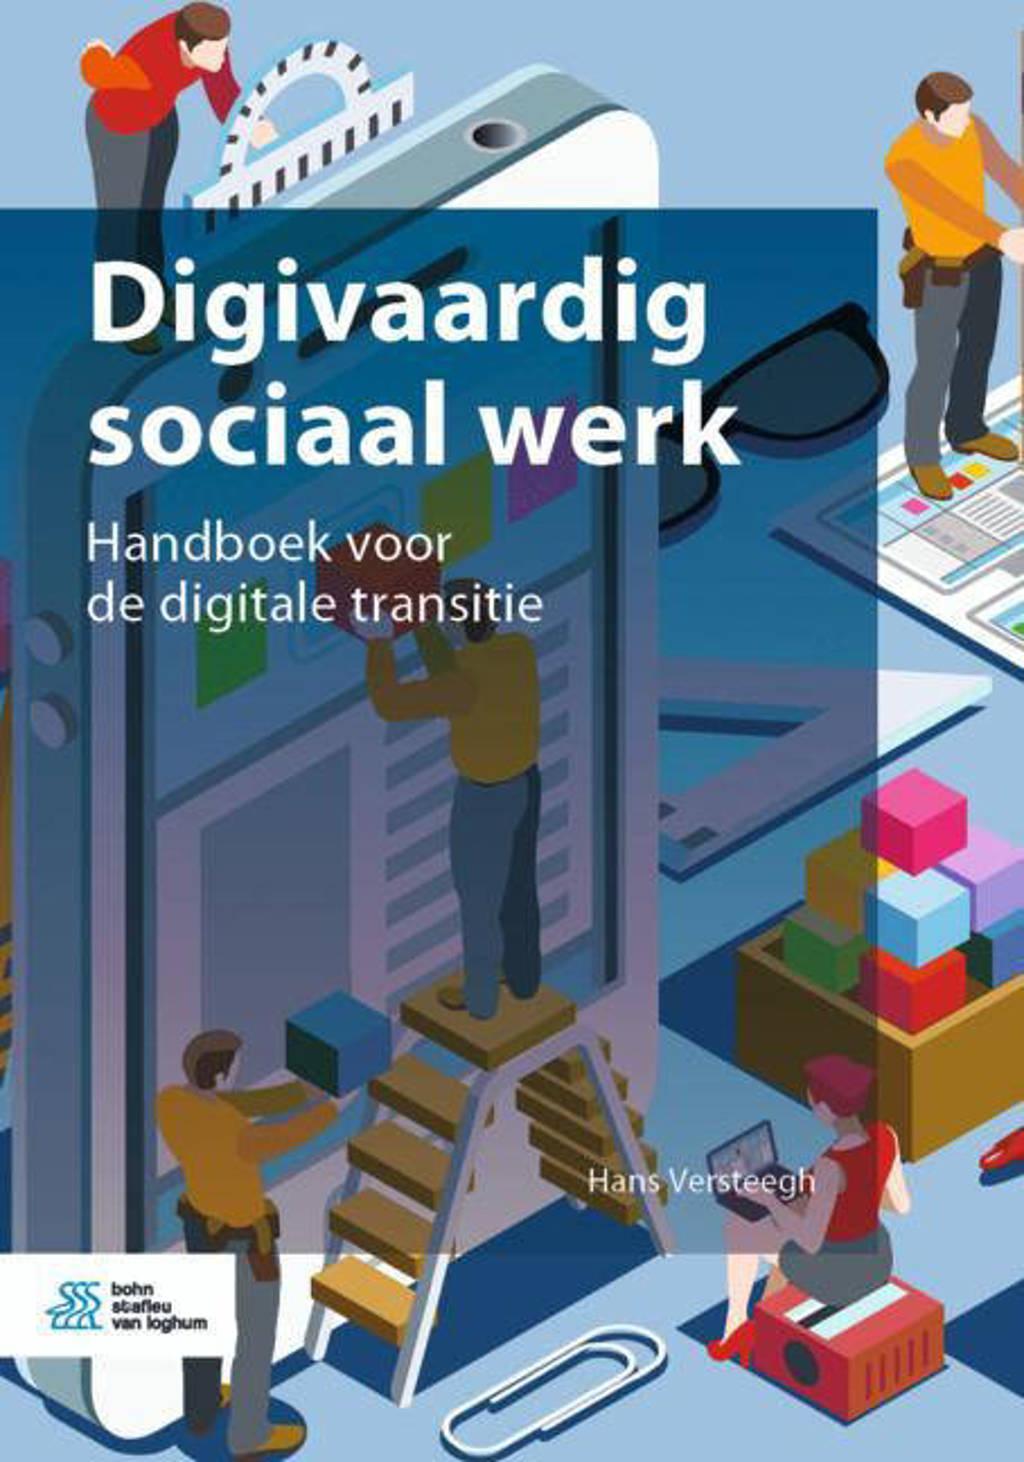 Digivaardig sociaal werk - Hans Versteegh